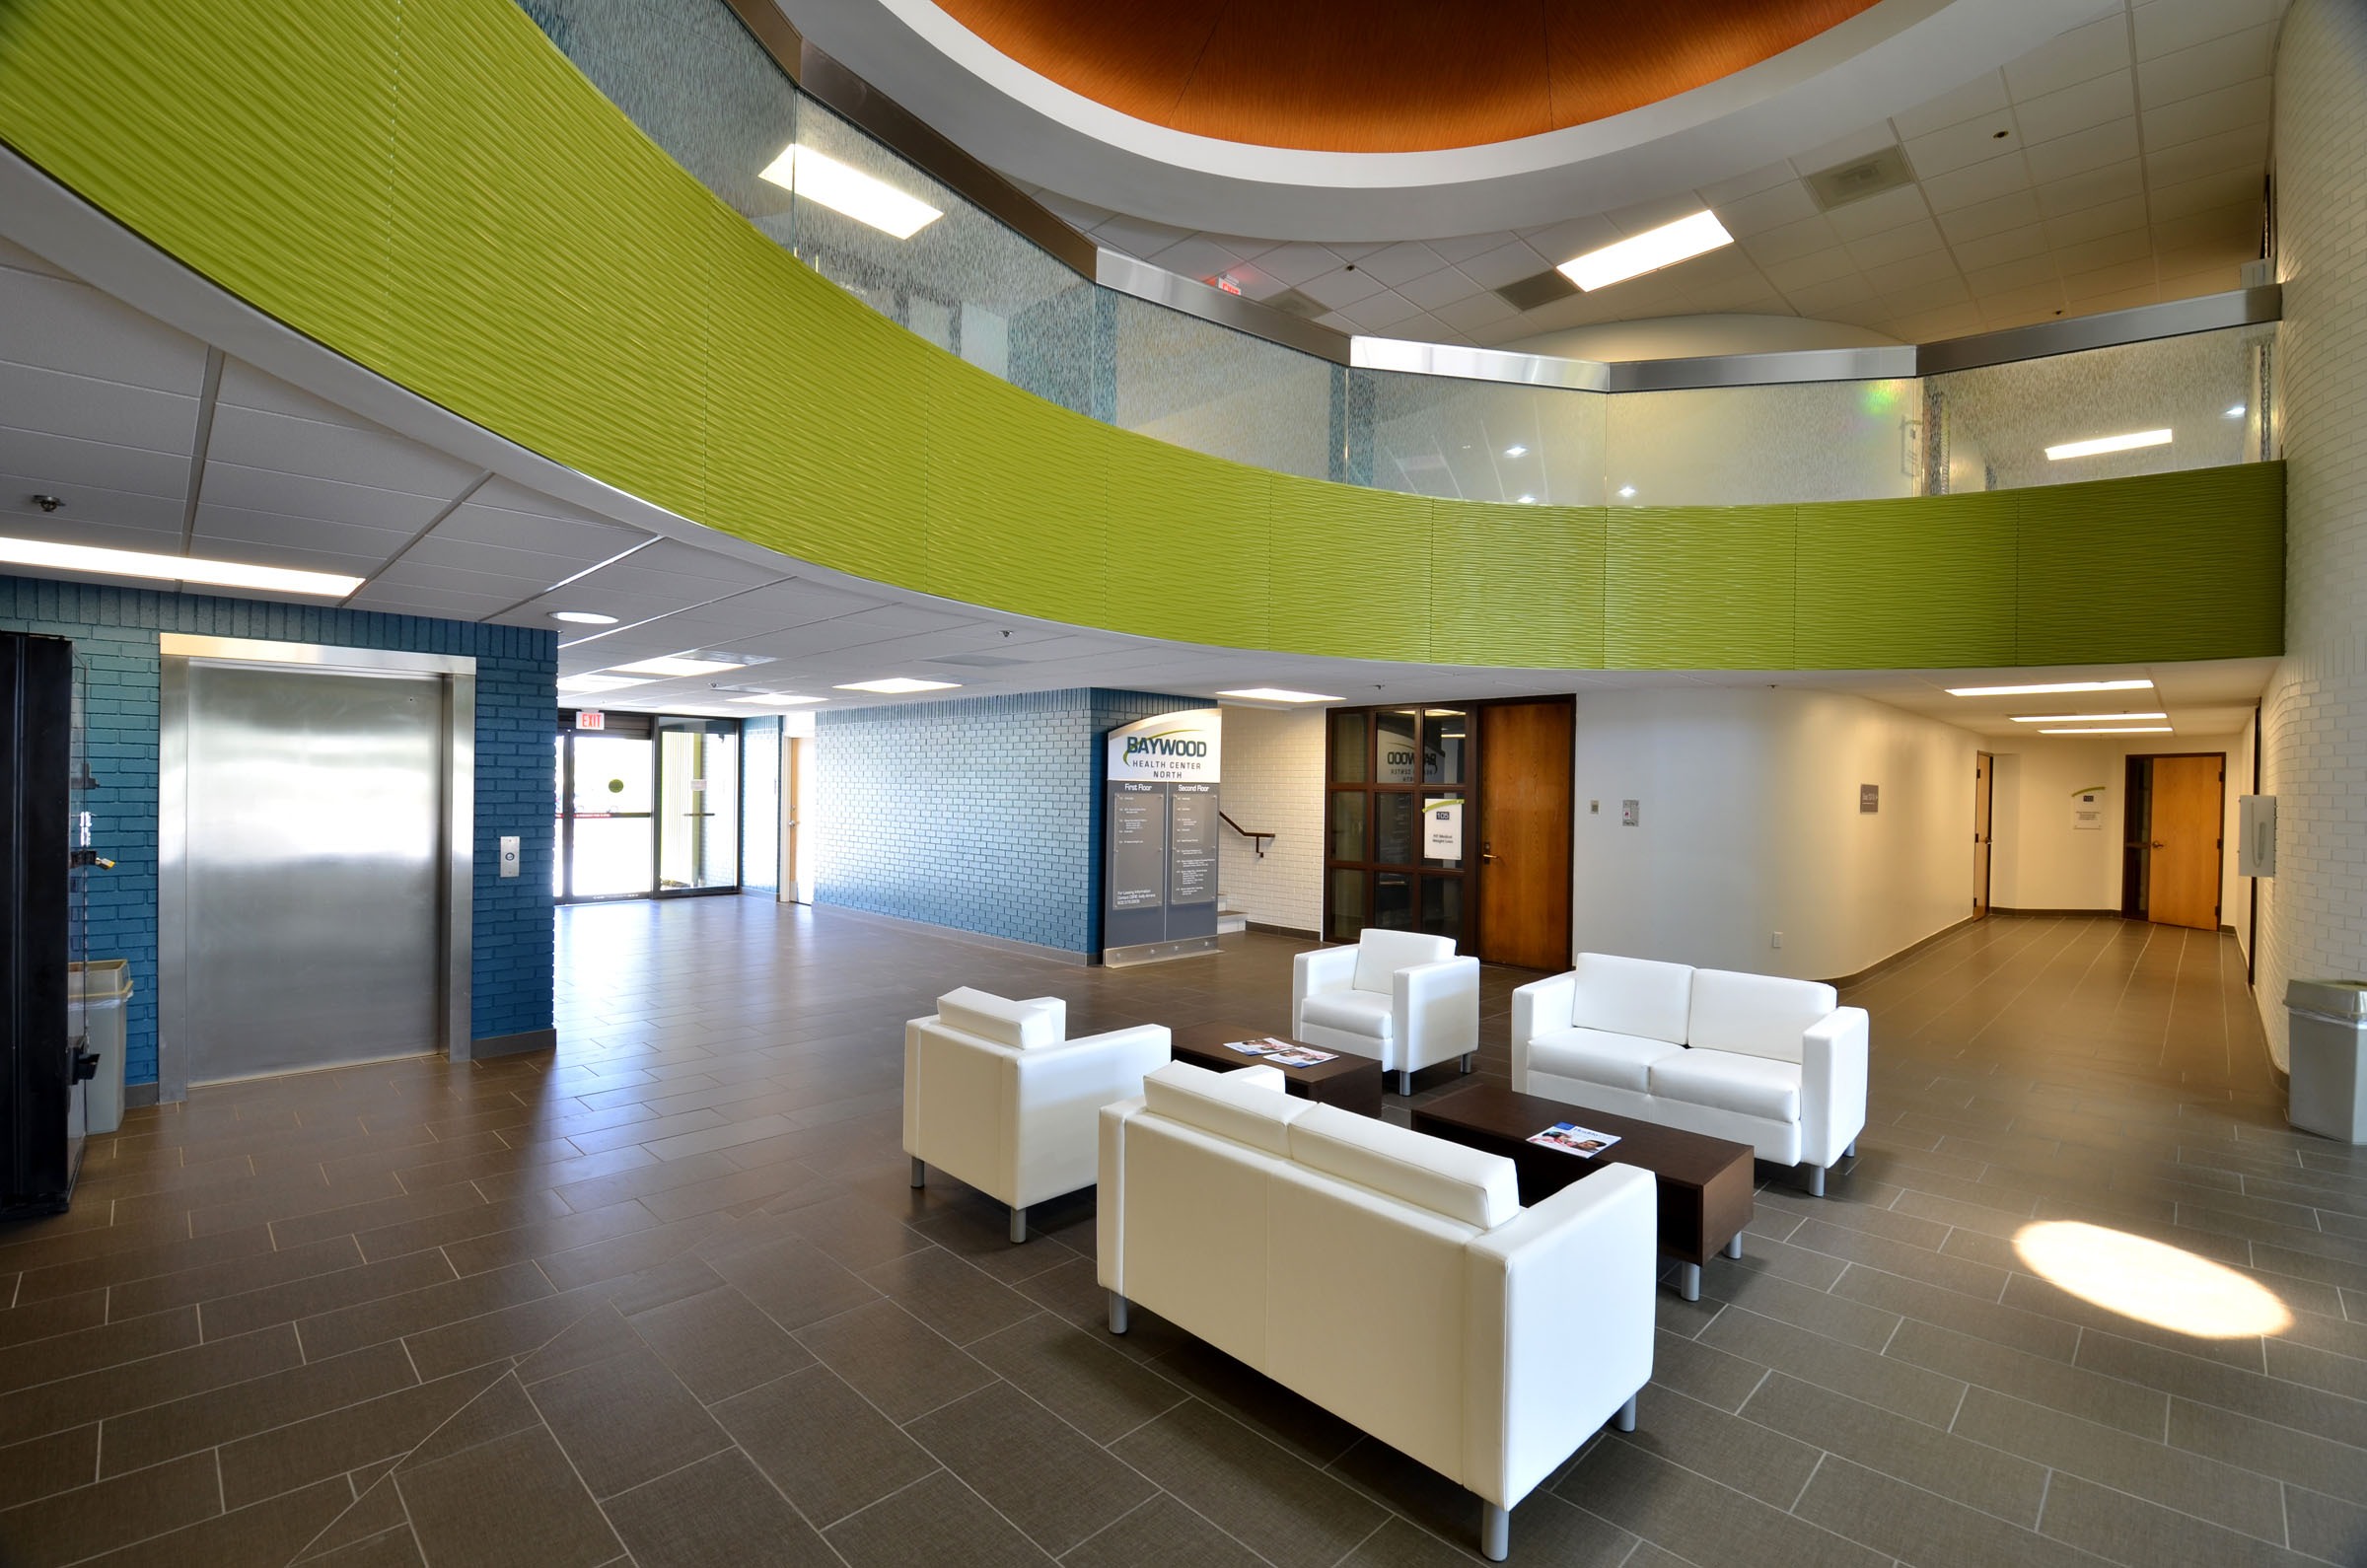 Baywood Interior Lobby